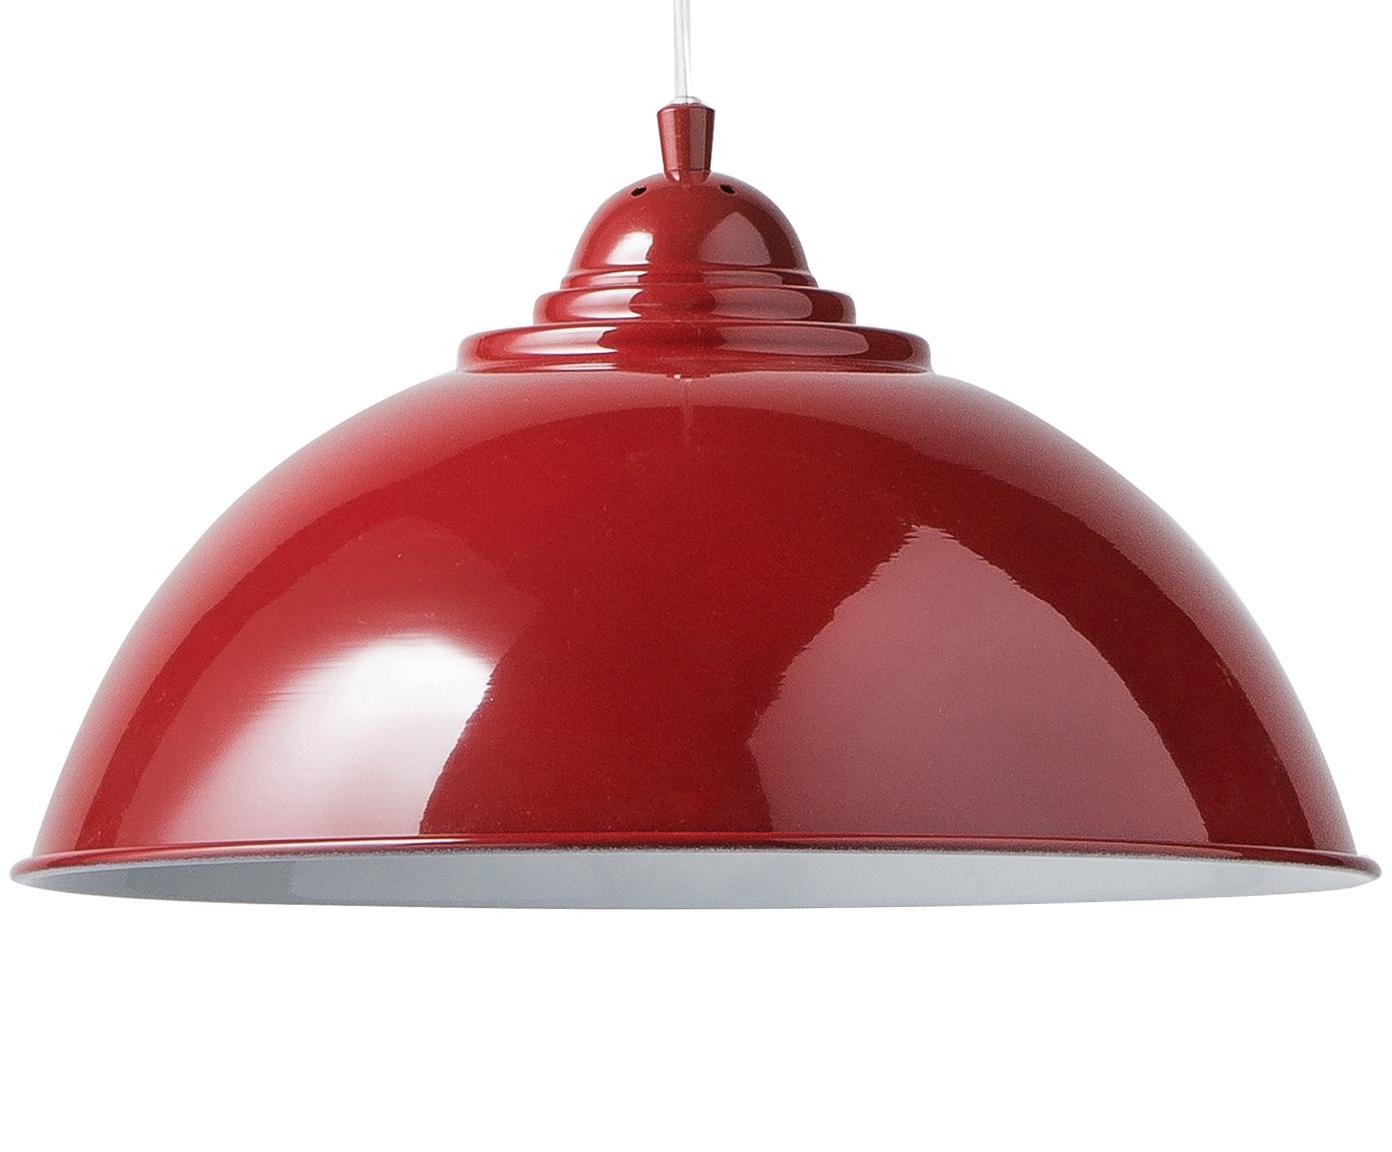 Retro-Pendelleuchte Fusion, Metall, lackiert, Baldachin und Lampenschirm außen: Rot<br>Lampenschirm innen: Weiß, Ø 34 x H 20 cm